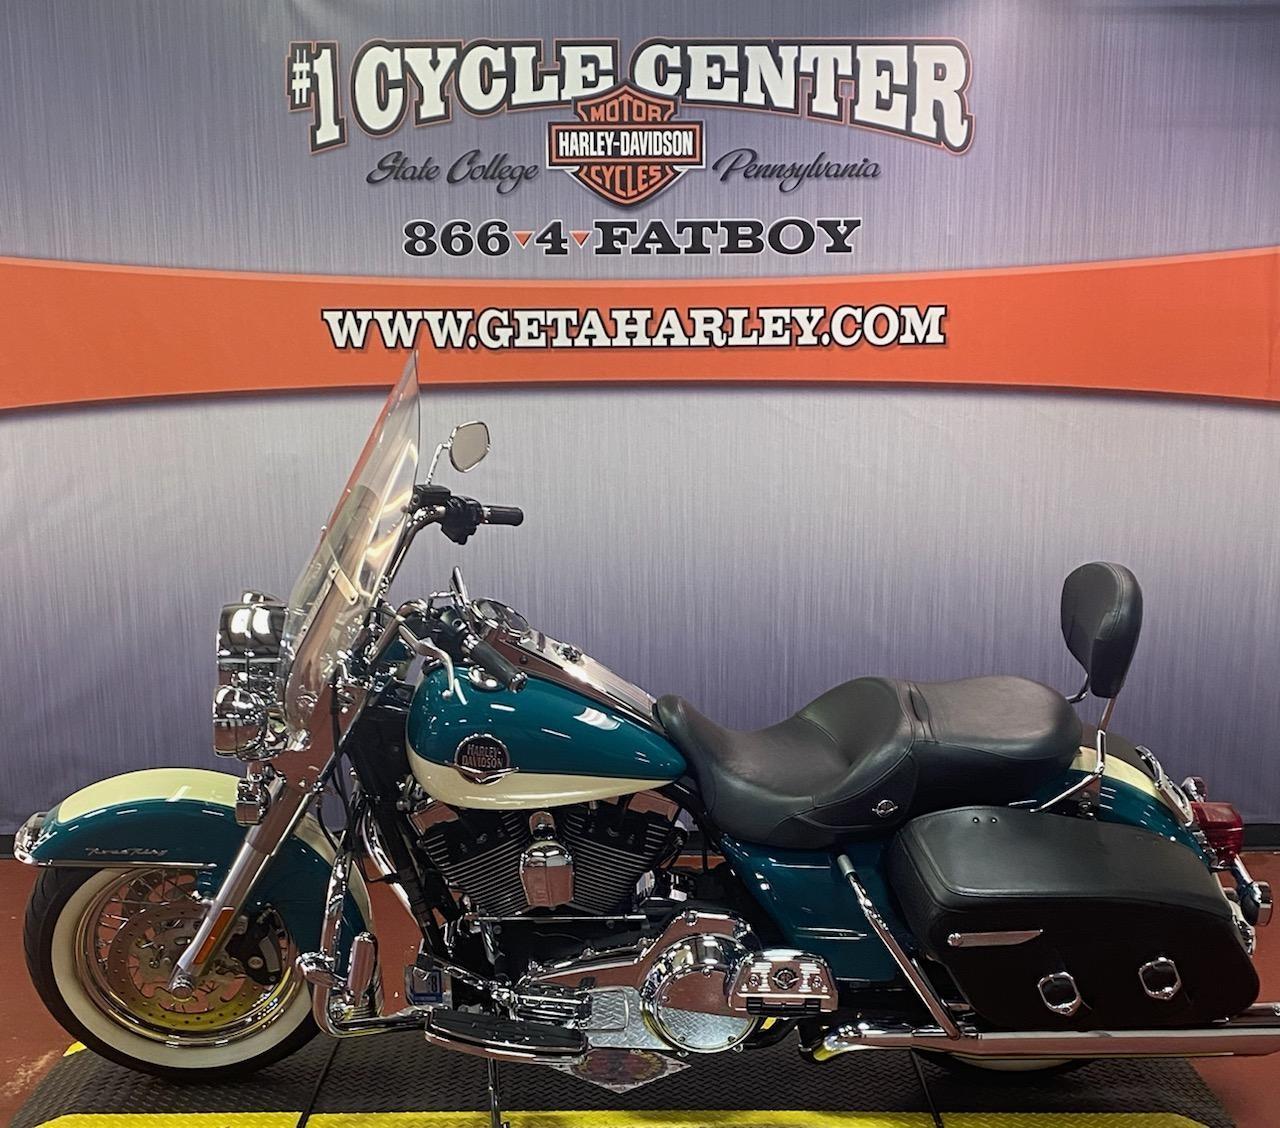 2009 Harley-Davidson Road King Classic at #1 Cycle Center Harley-Davidson